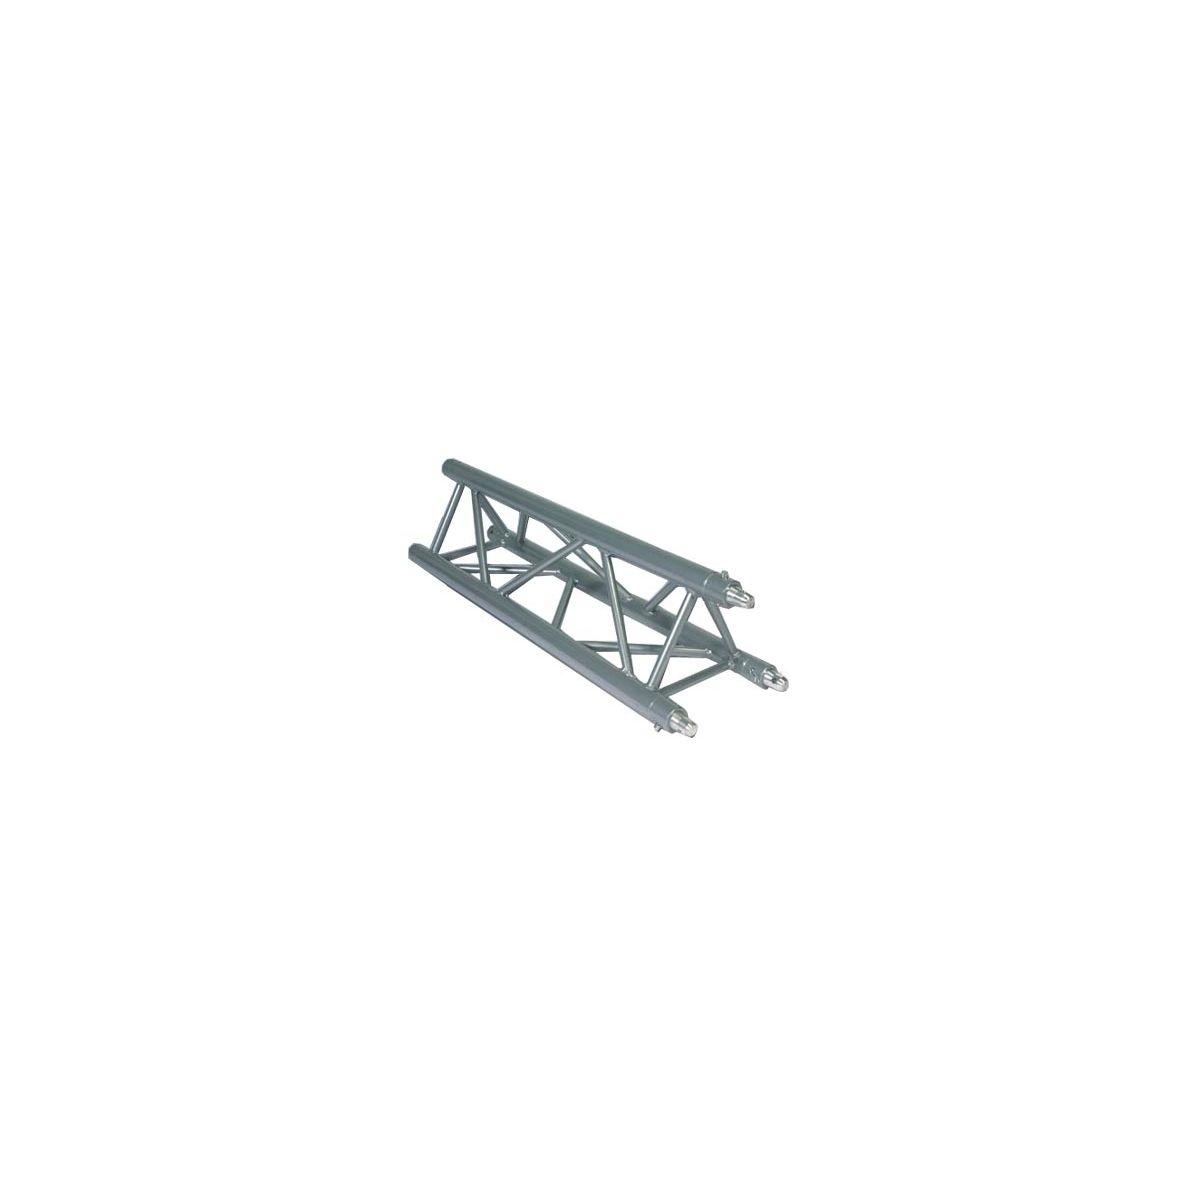 Structures aluminium - Mobiltruss - TRIO 30120